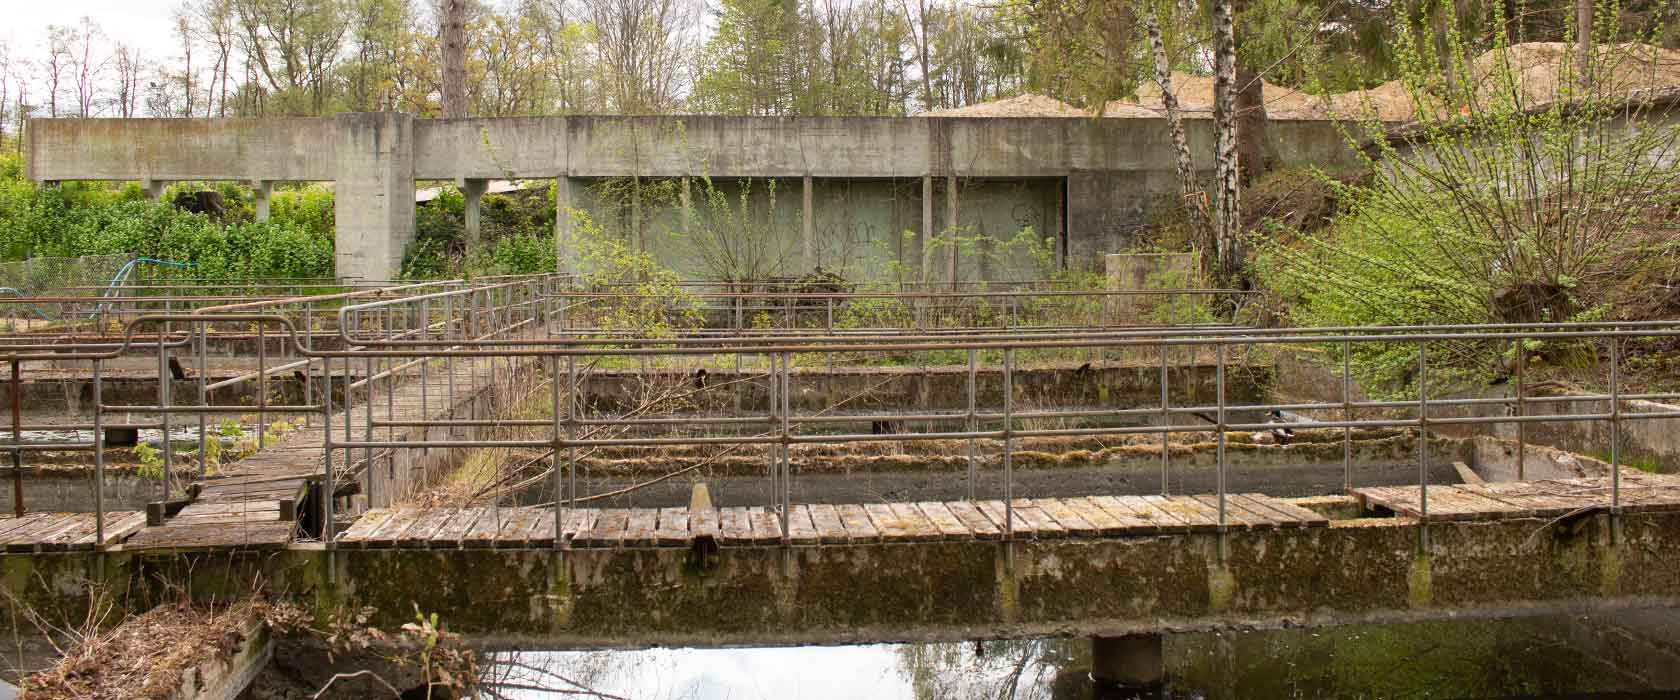 Ålebækken Ruinpark